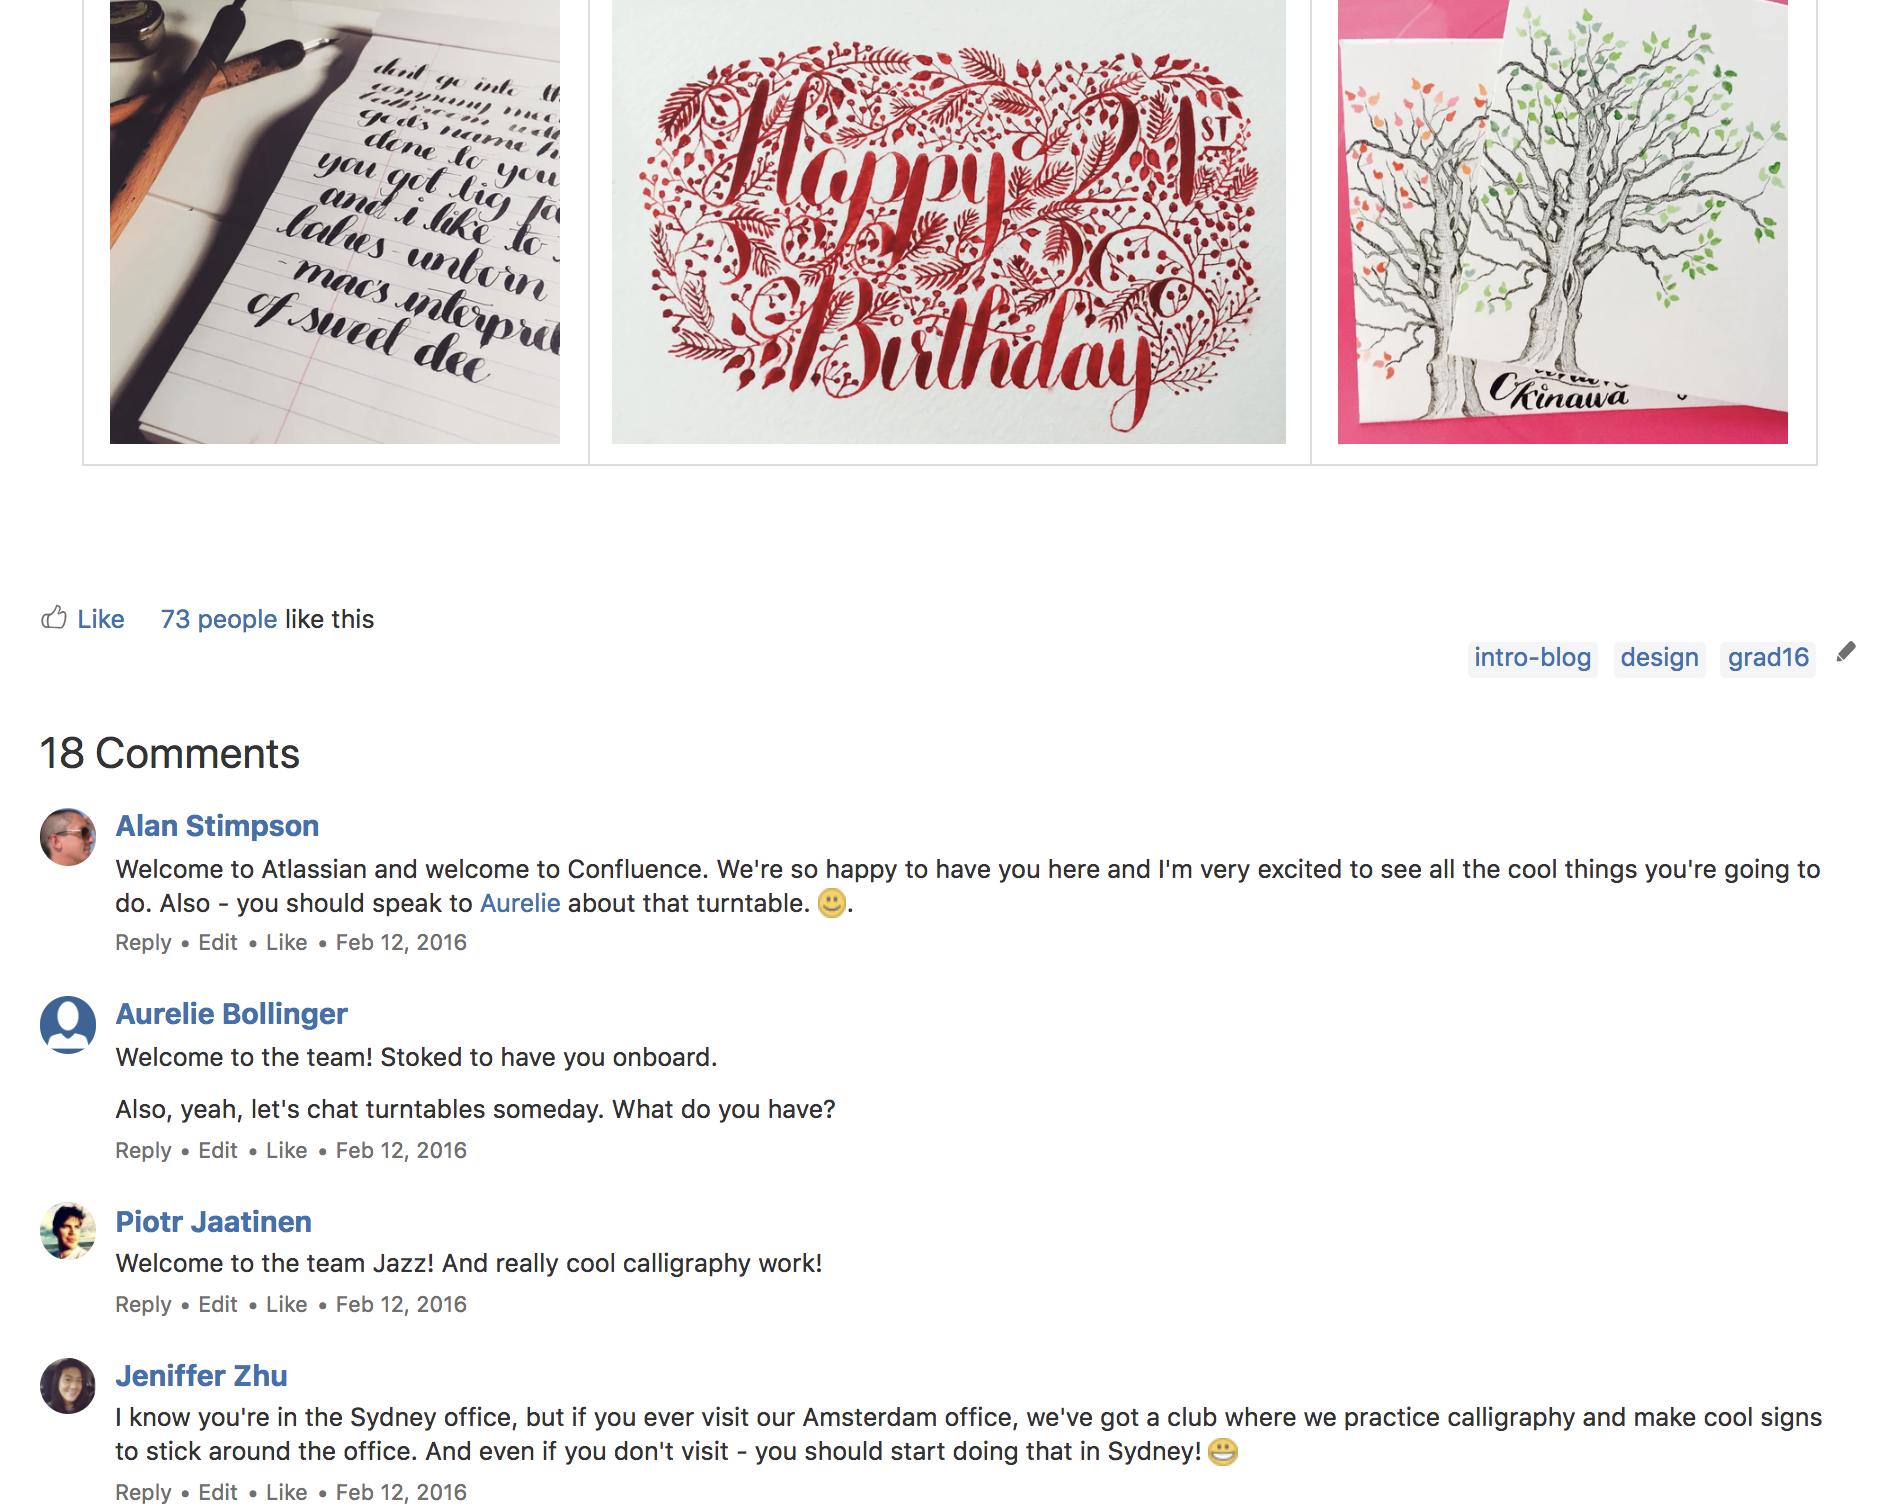 新しいチーム メンバーの自己紹介ブログ。既存のチーム メンバーからのコメントも含む